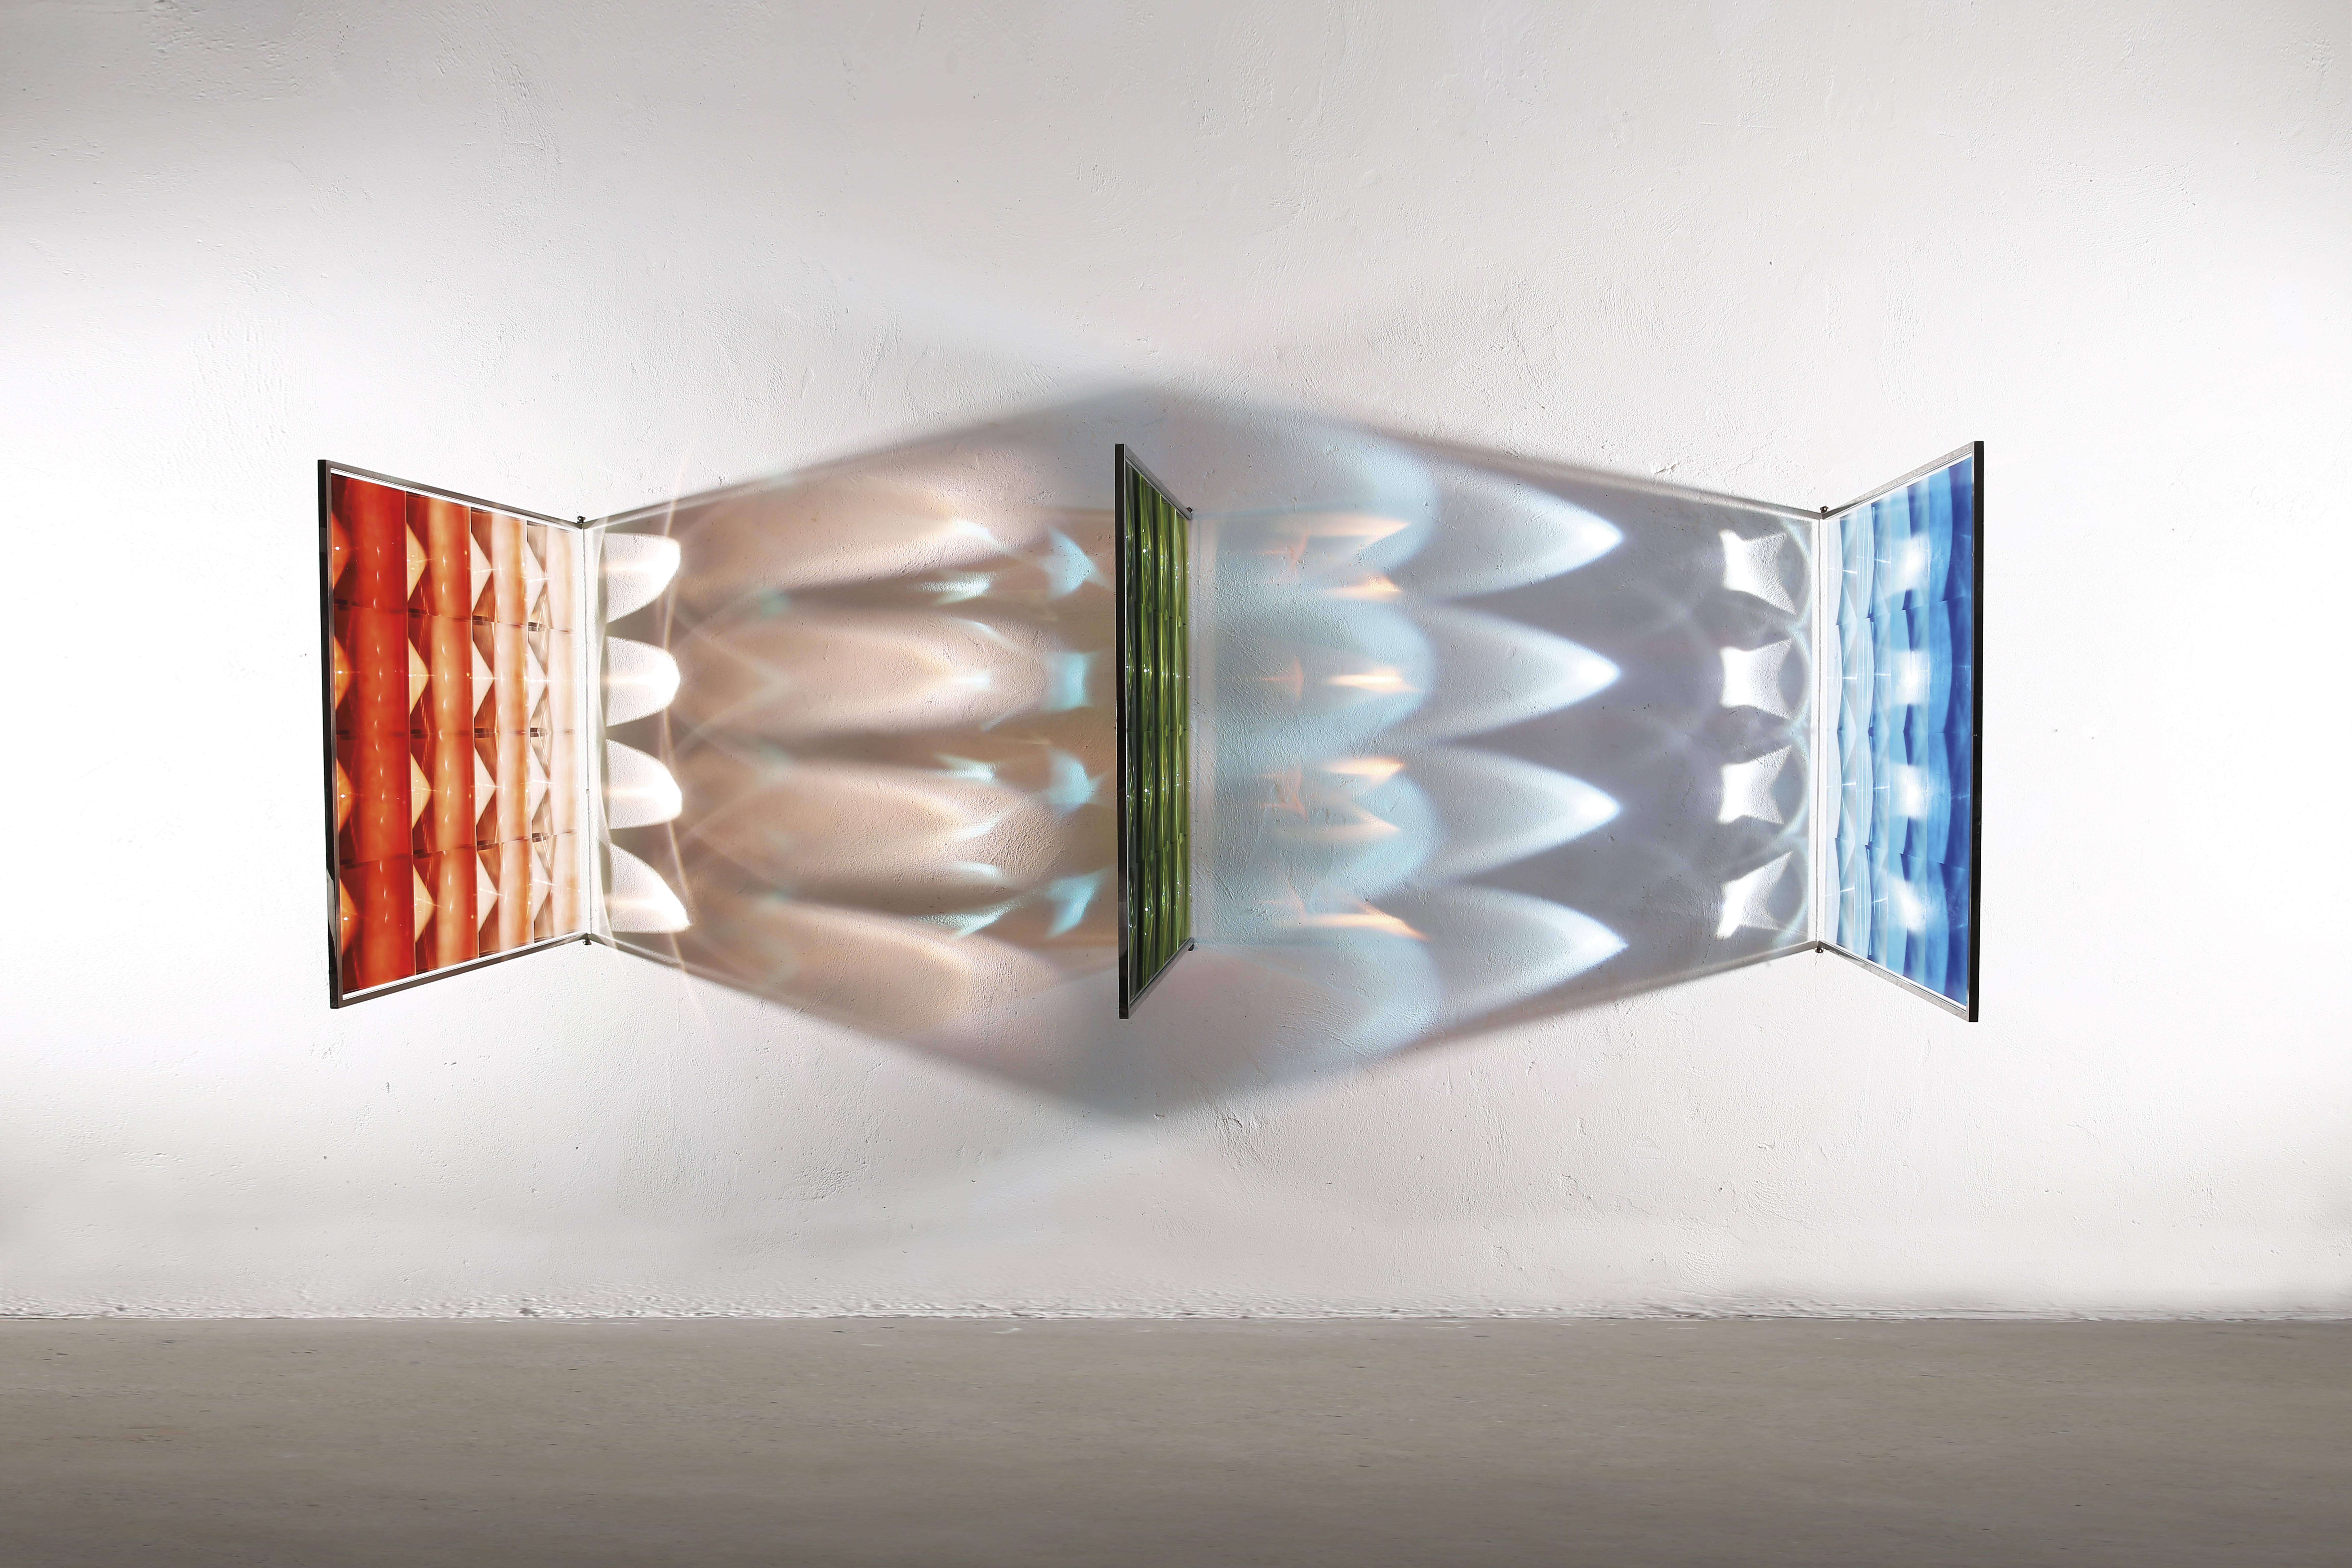 《视网膜•35》-100cmX100cmX3-镜面不锈钢、菲涅尔透镜、自然干玻璃颜料-2017(效果1) 拷贝